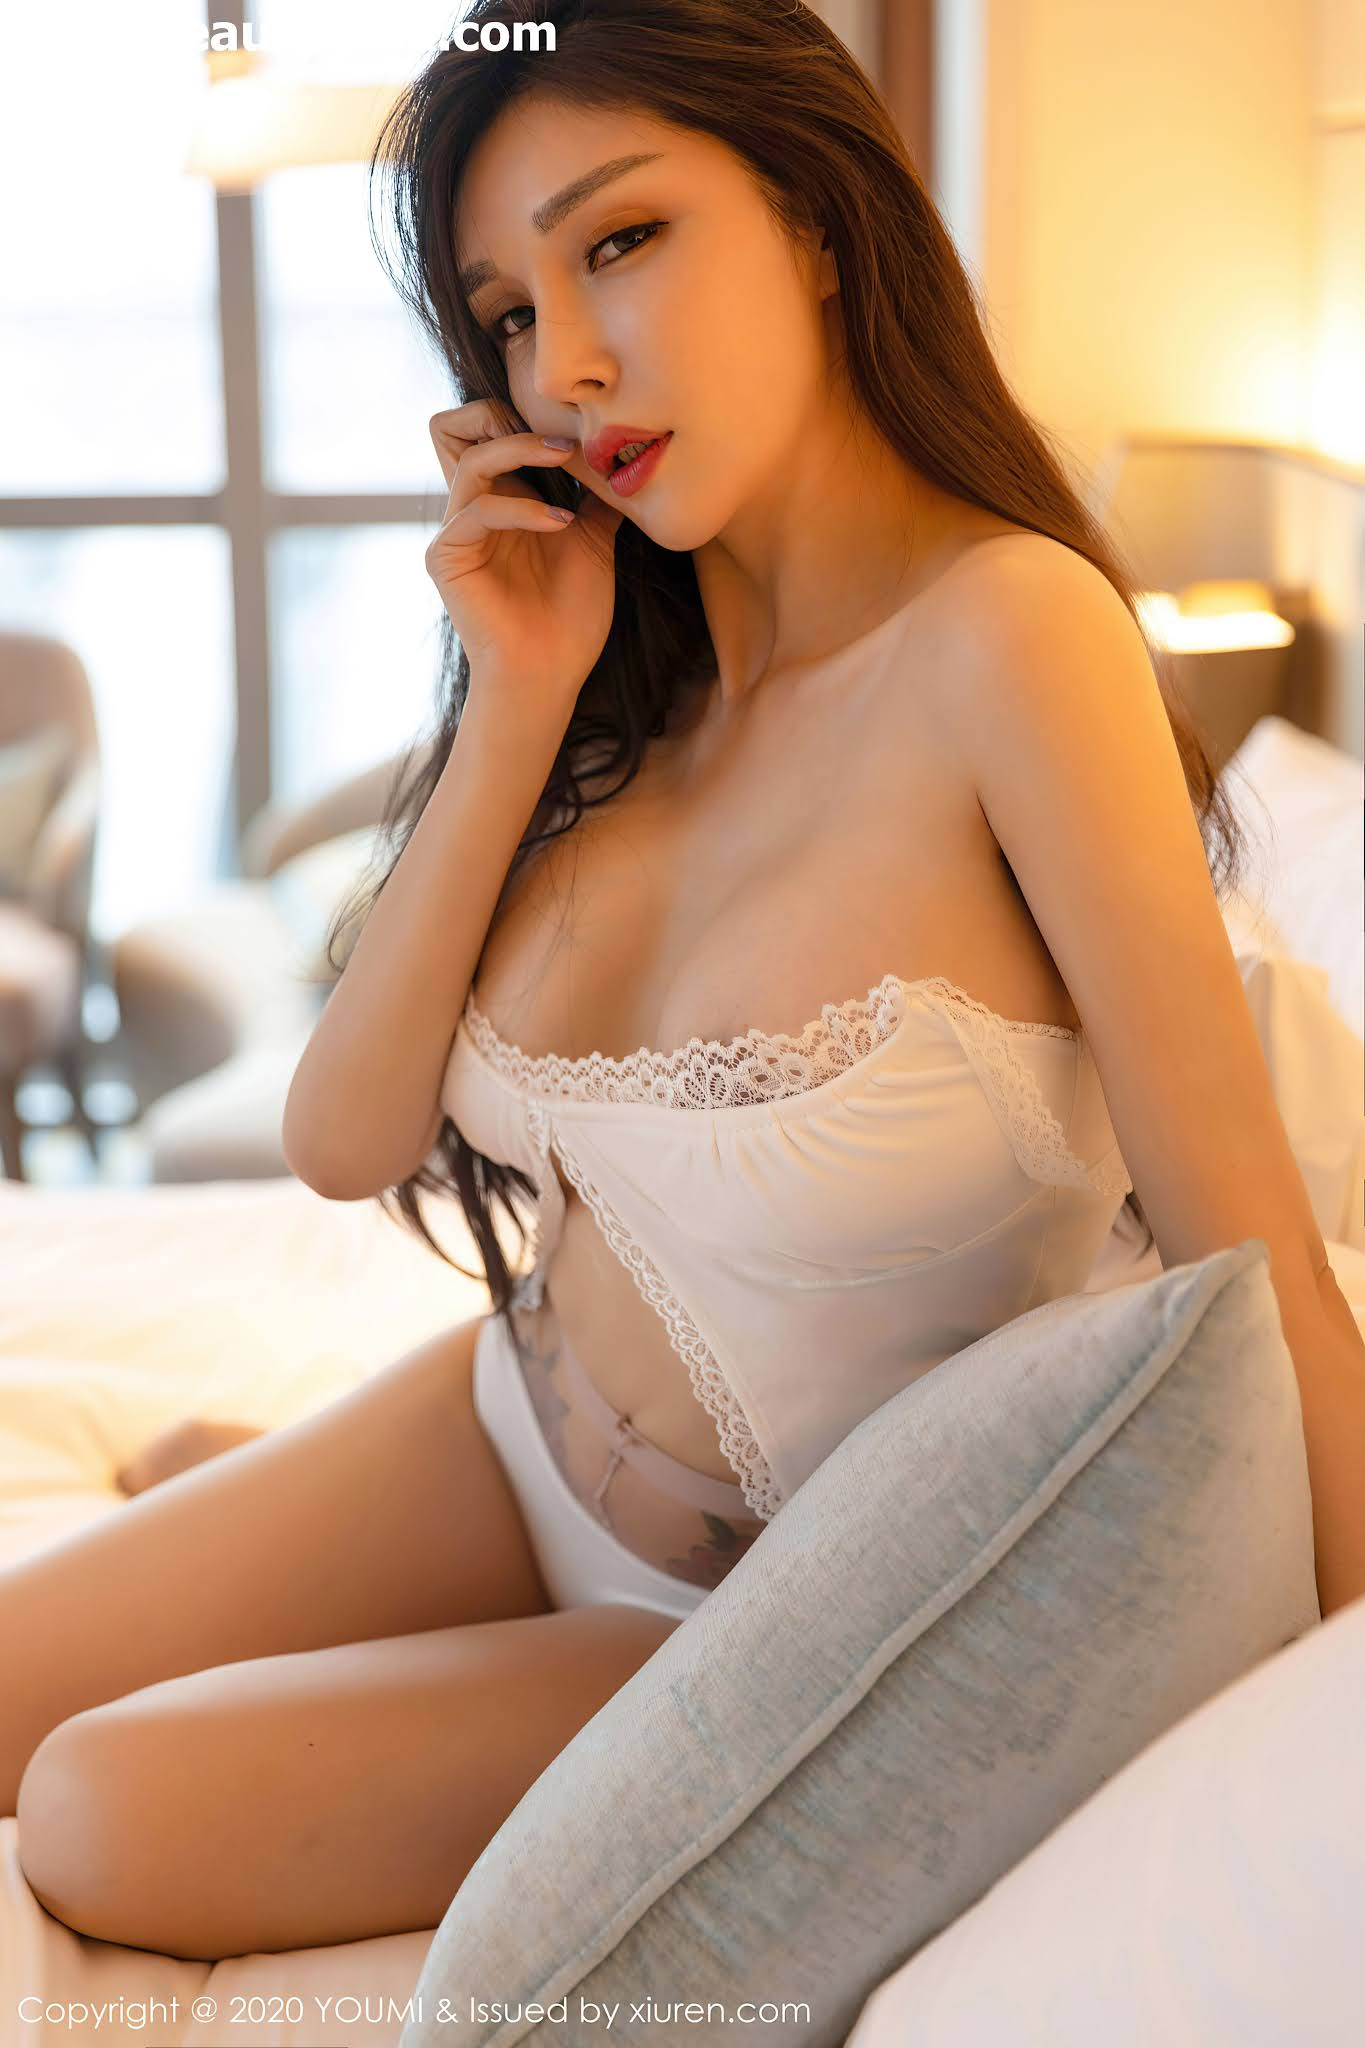 YouMi-Vol.541-Tian-Bing-Bing-Superbeautygirlx.com